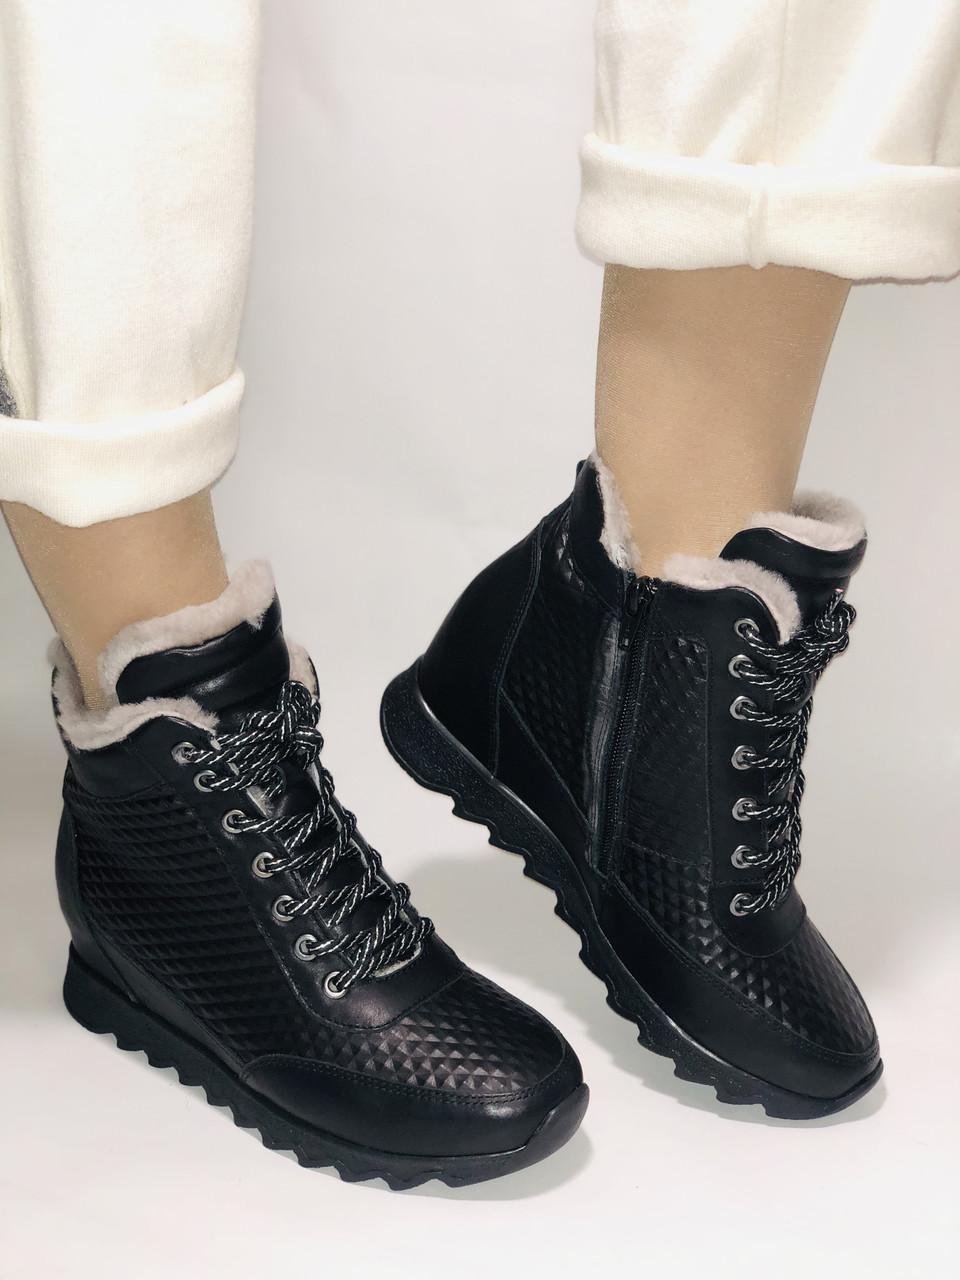 Alpino.Туреччина. Зимові черевики-кросівки на натуральному хутрі, Натуральна шкіра. 37, 38,39